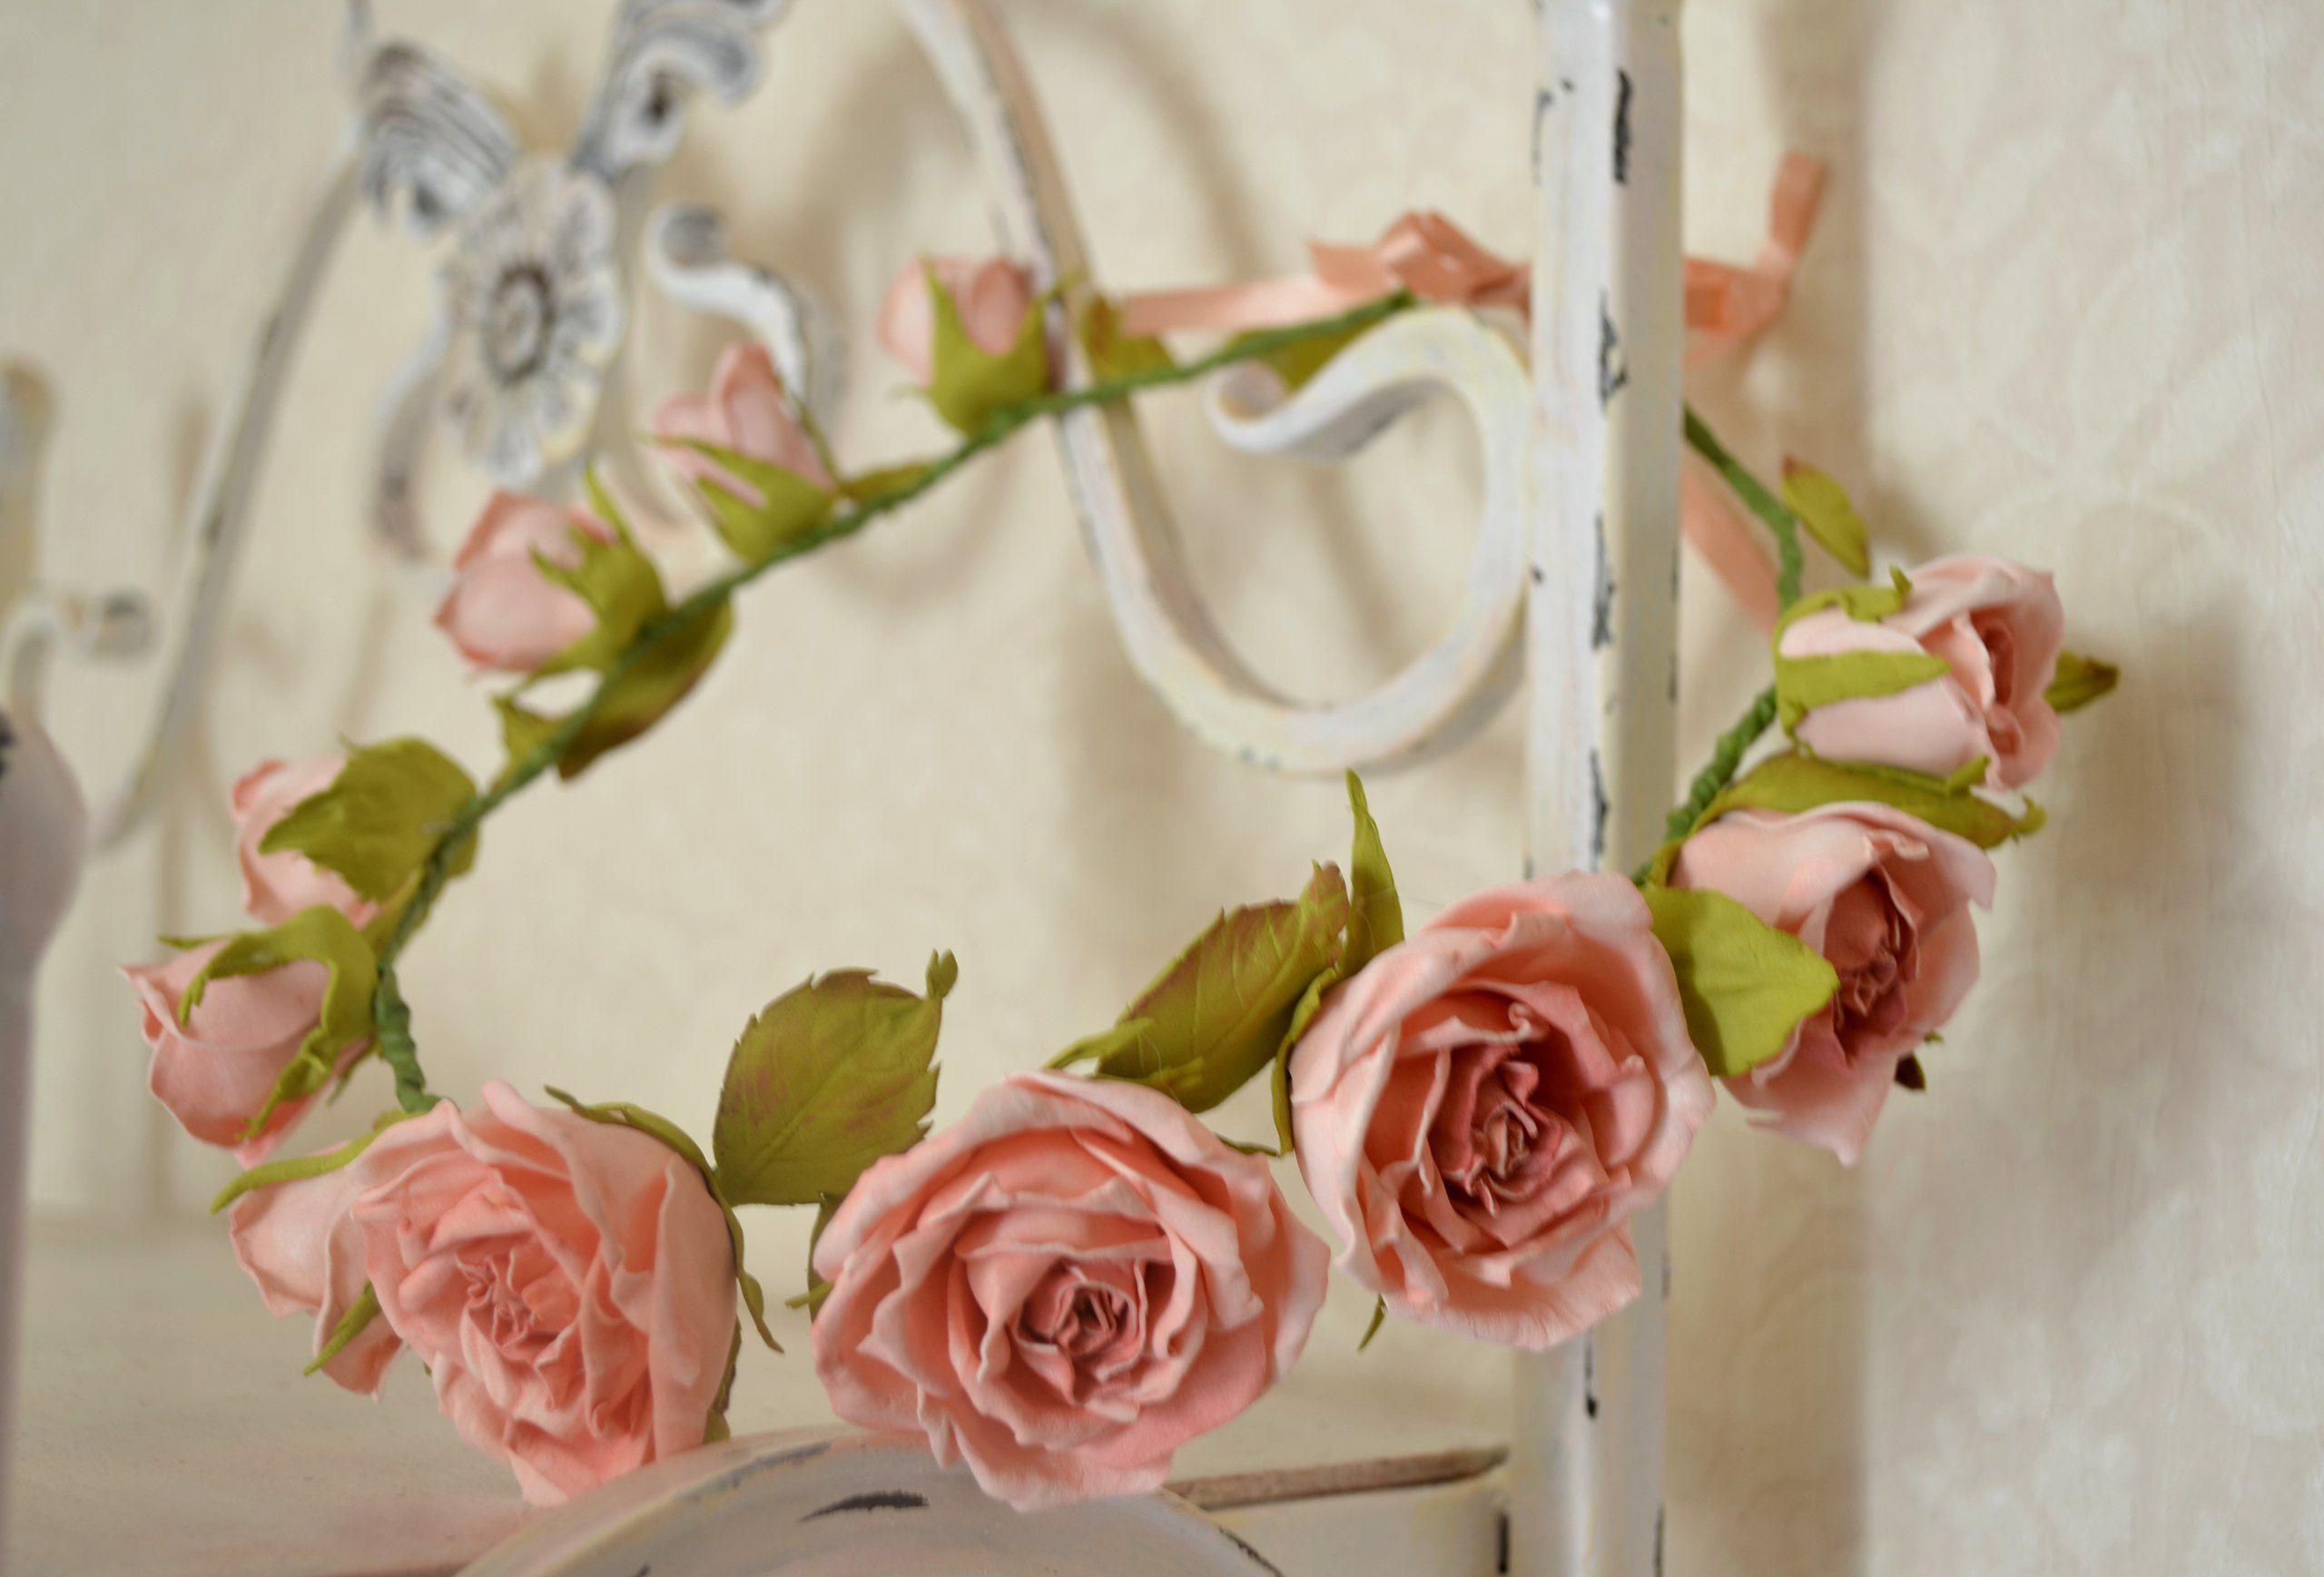 голову фотосессия на украшение фоамиран розы цветы венок нежность реализация.